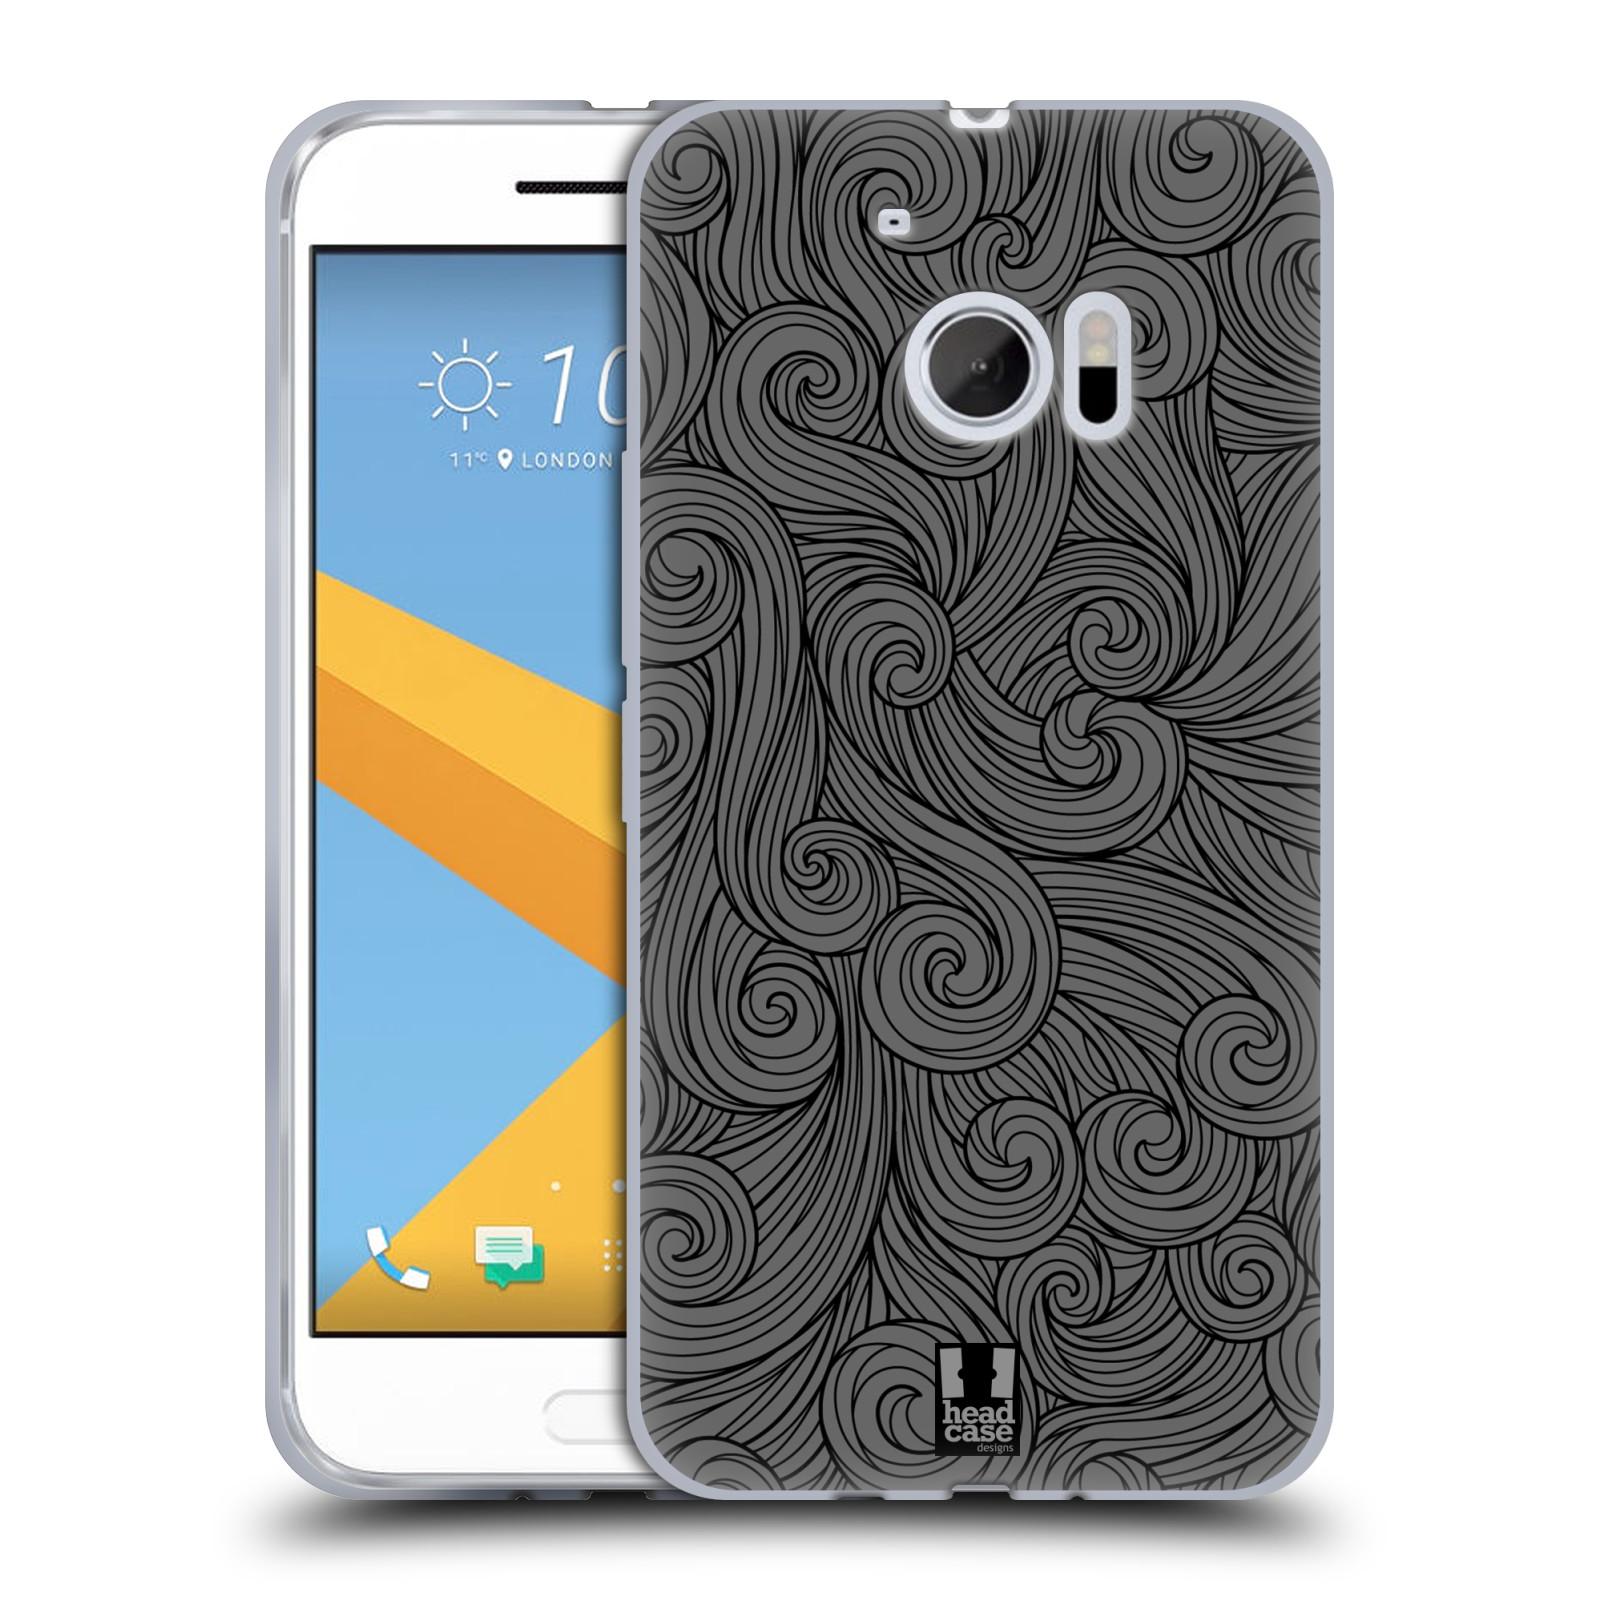 Silikonové pouzdro na mobil HTC 10 HEAD CASE Dark Grey Swirls (Silikonový kryt či obal na mobilní telefon HTC 10 (HTC One M10))